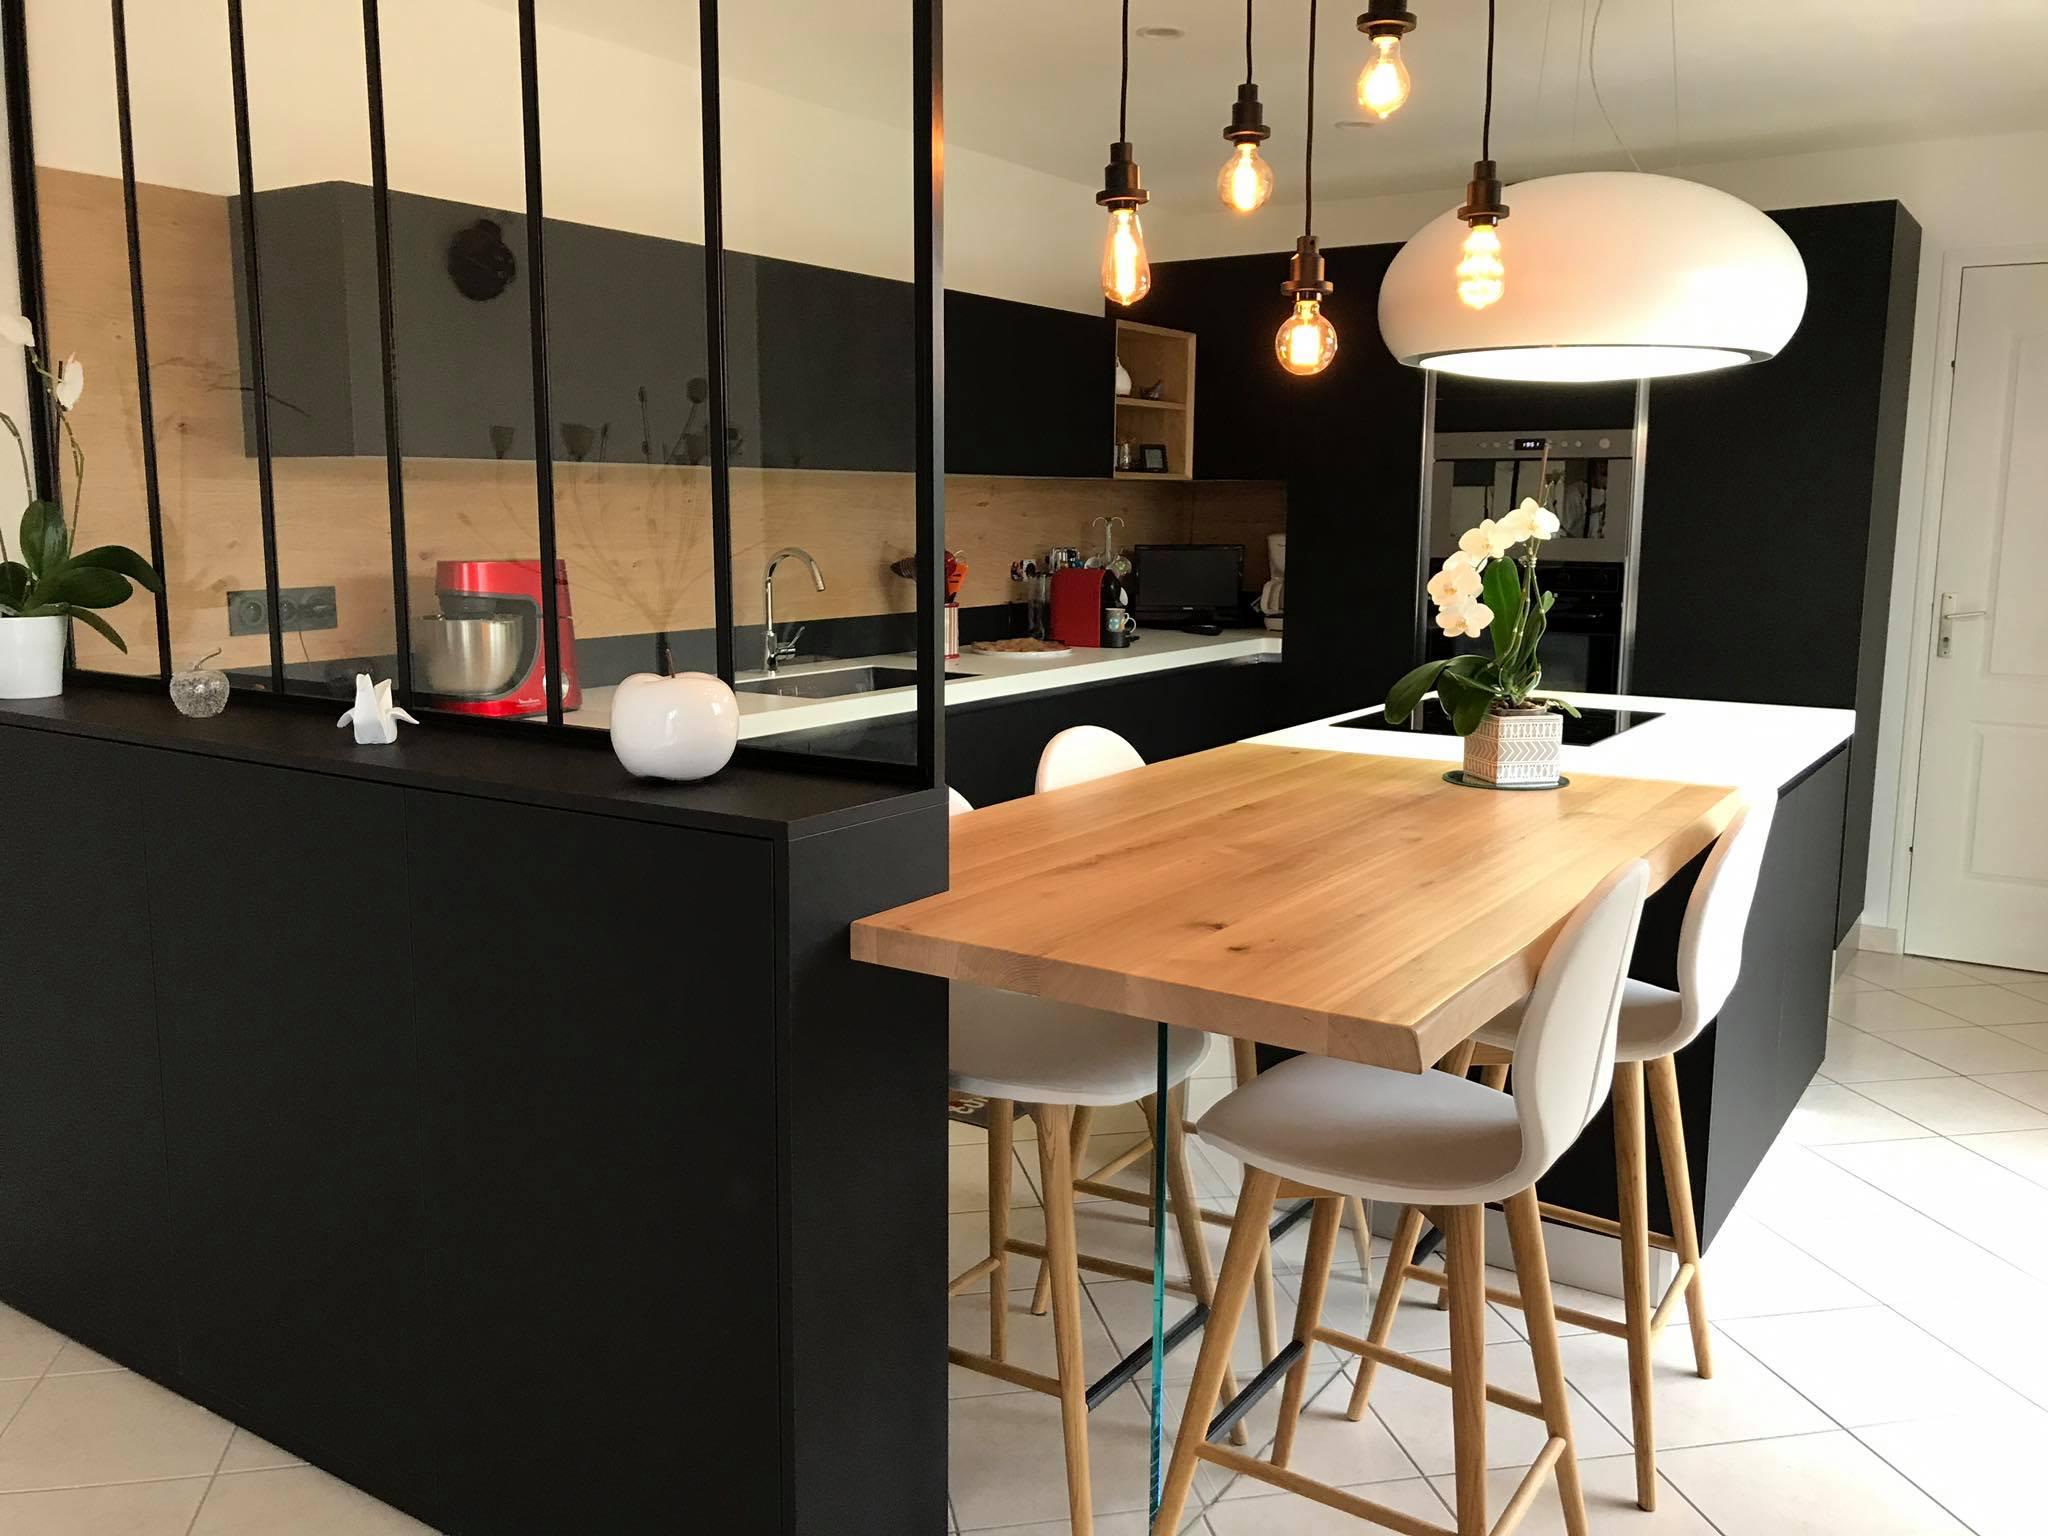 Cuisiniste Ancenis : réalisation de cuisine design dans le pays d ...